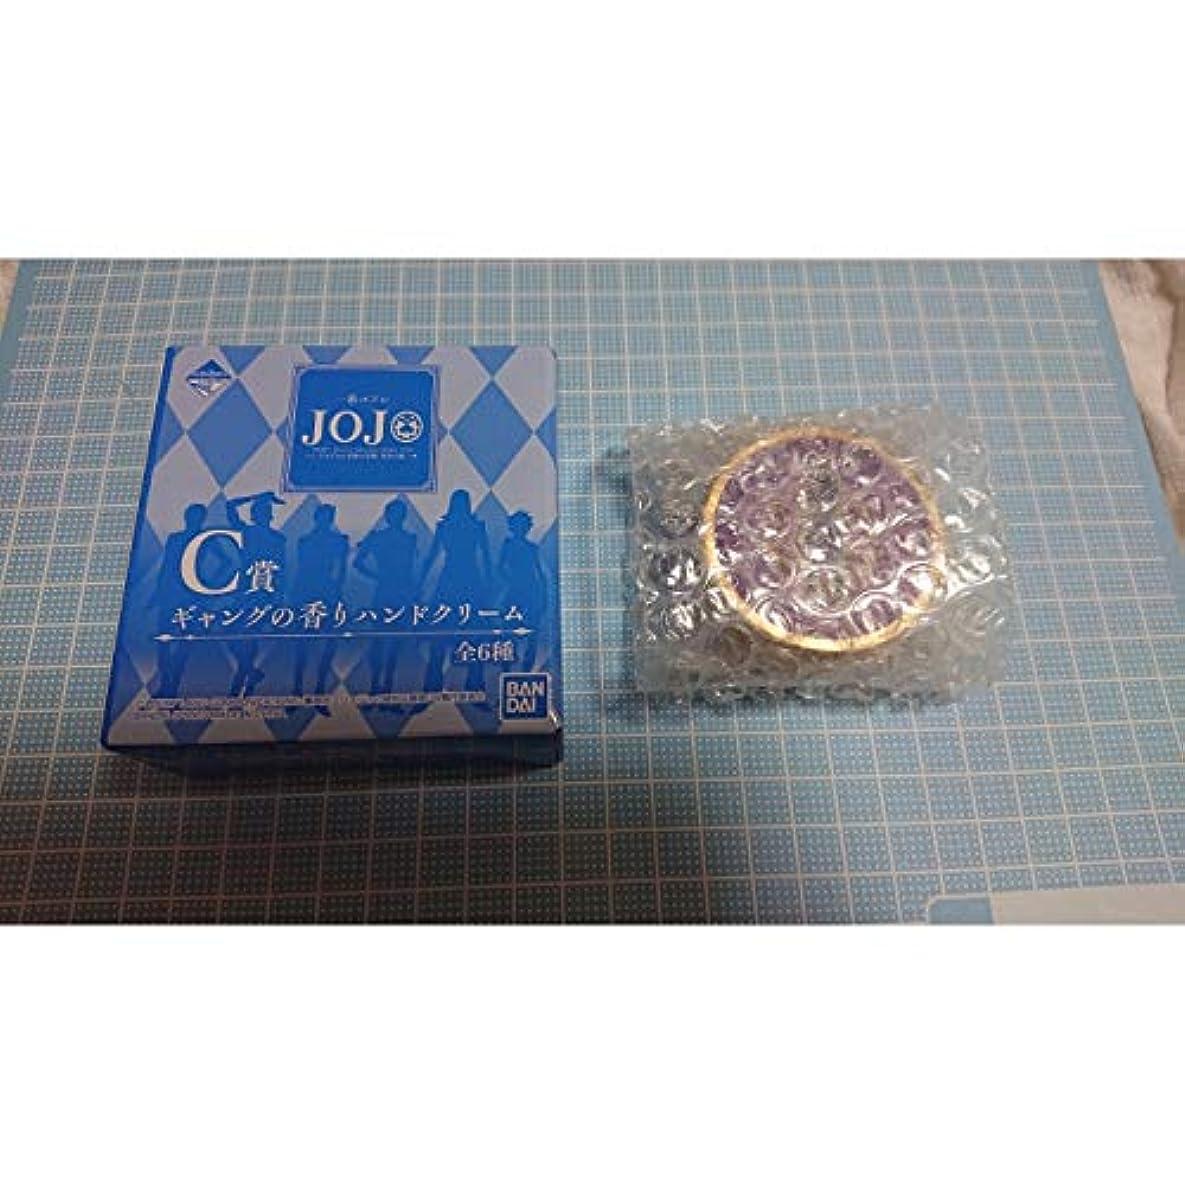 急勾配の生き残り厳密に一番コフレ C賞 ハンドクリーム アバッキオ